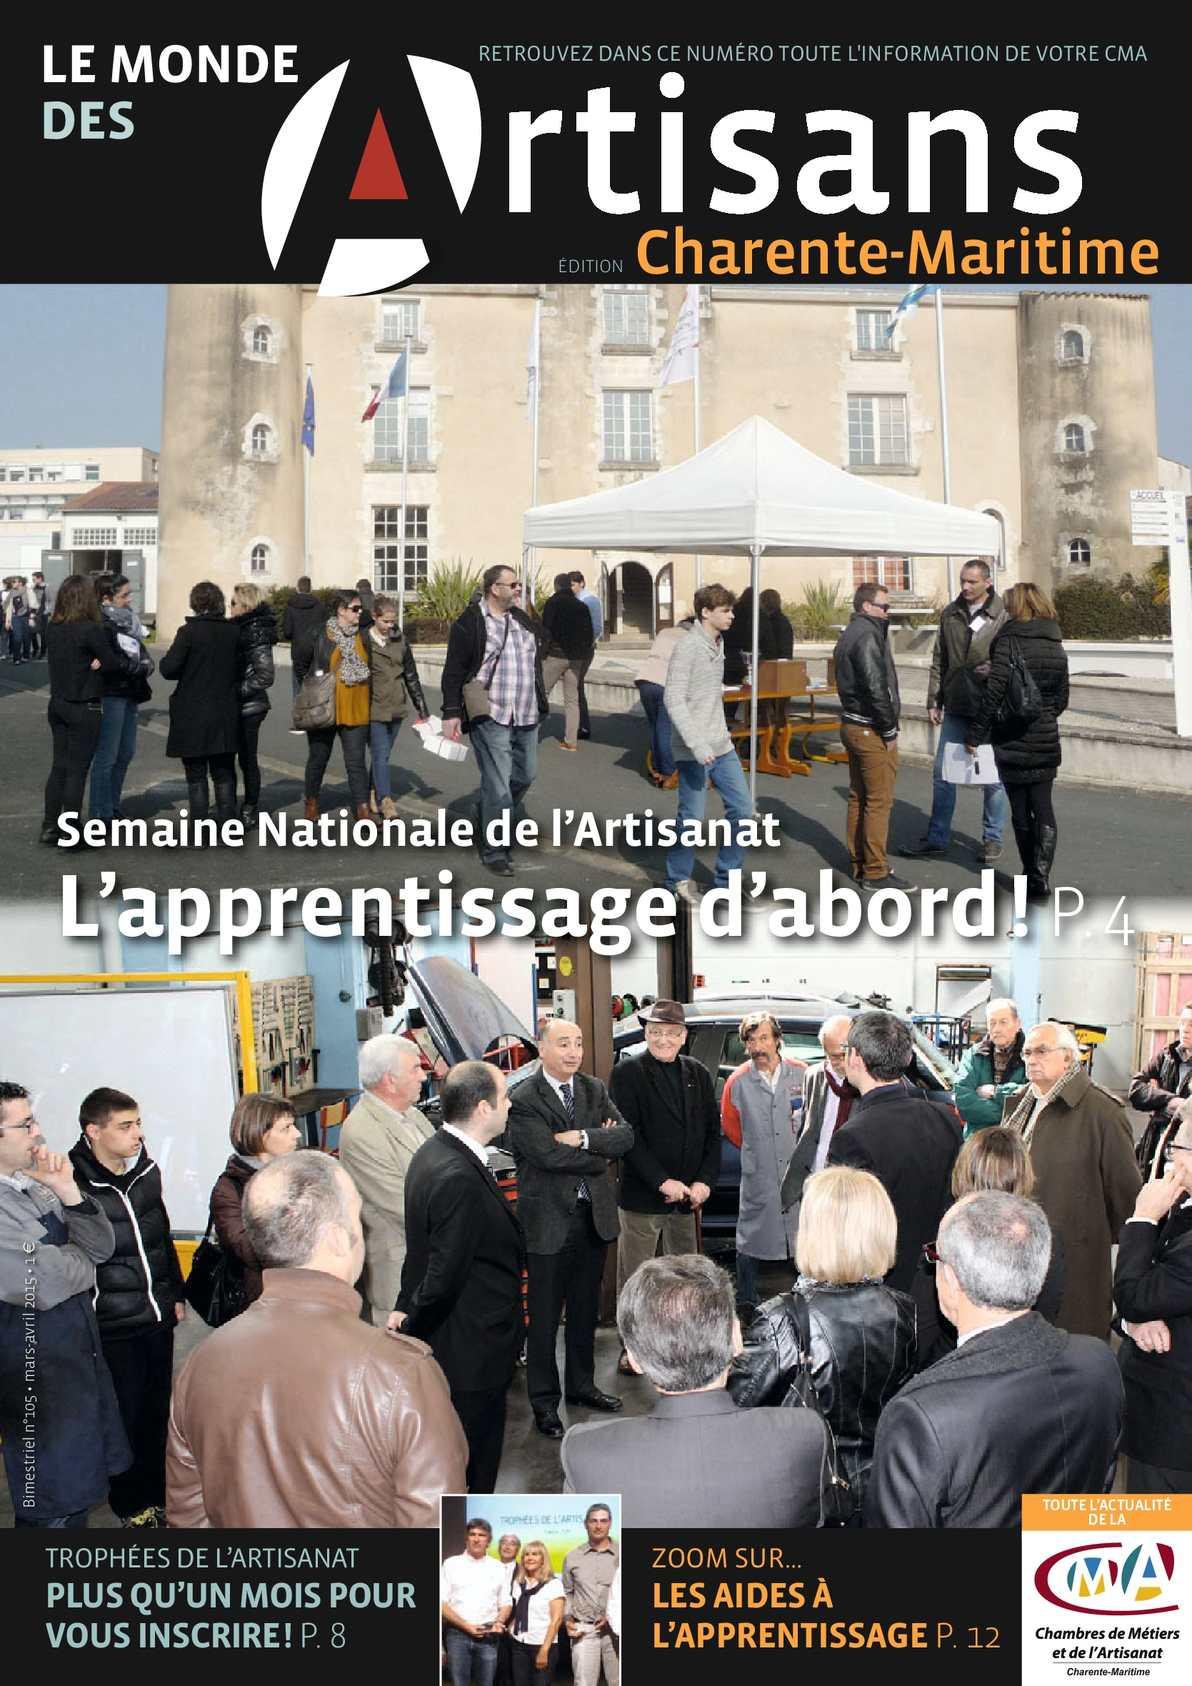 Calaméo La Mondes des Artisans Charente Maritime avril 2015